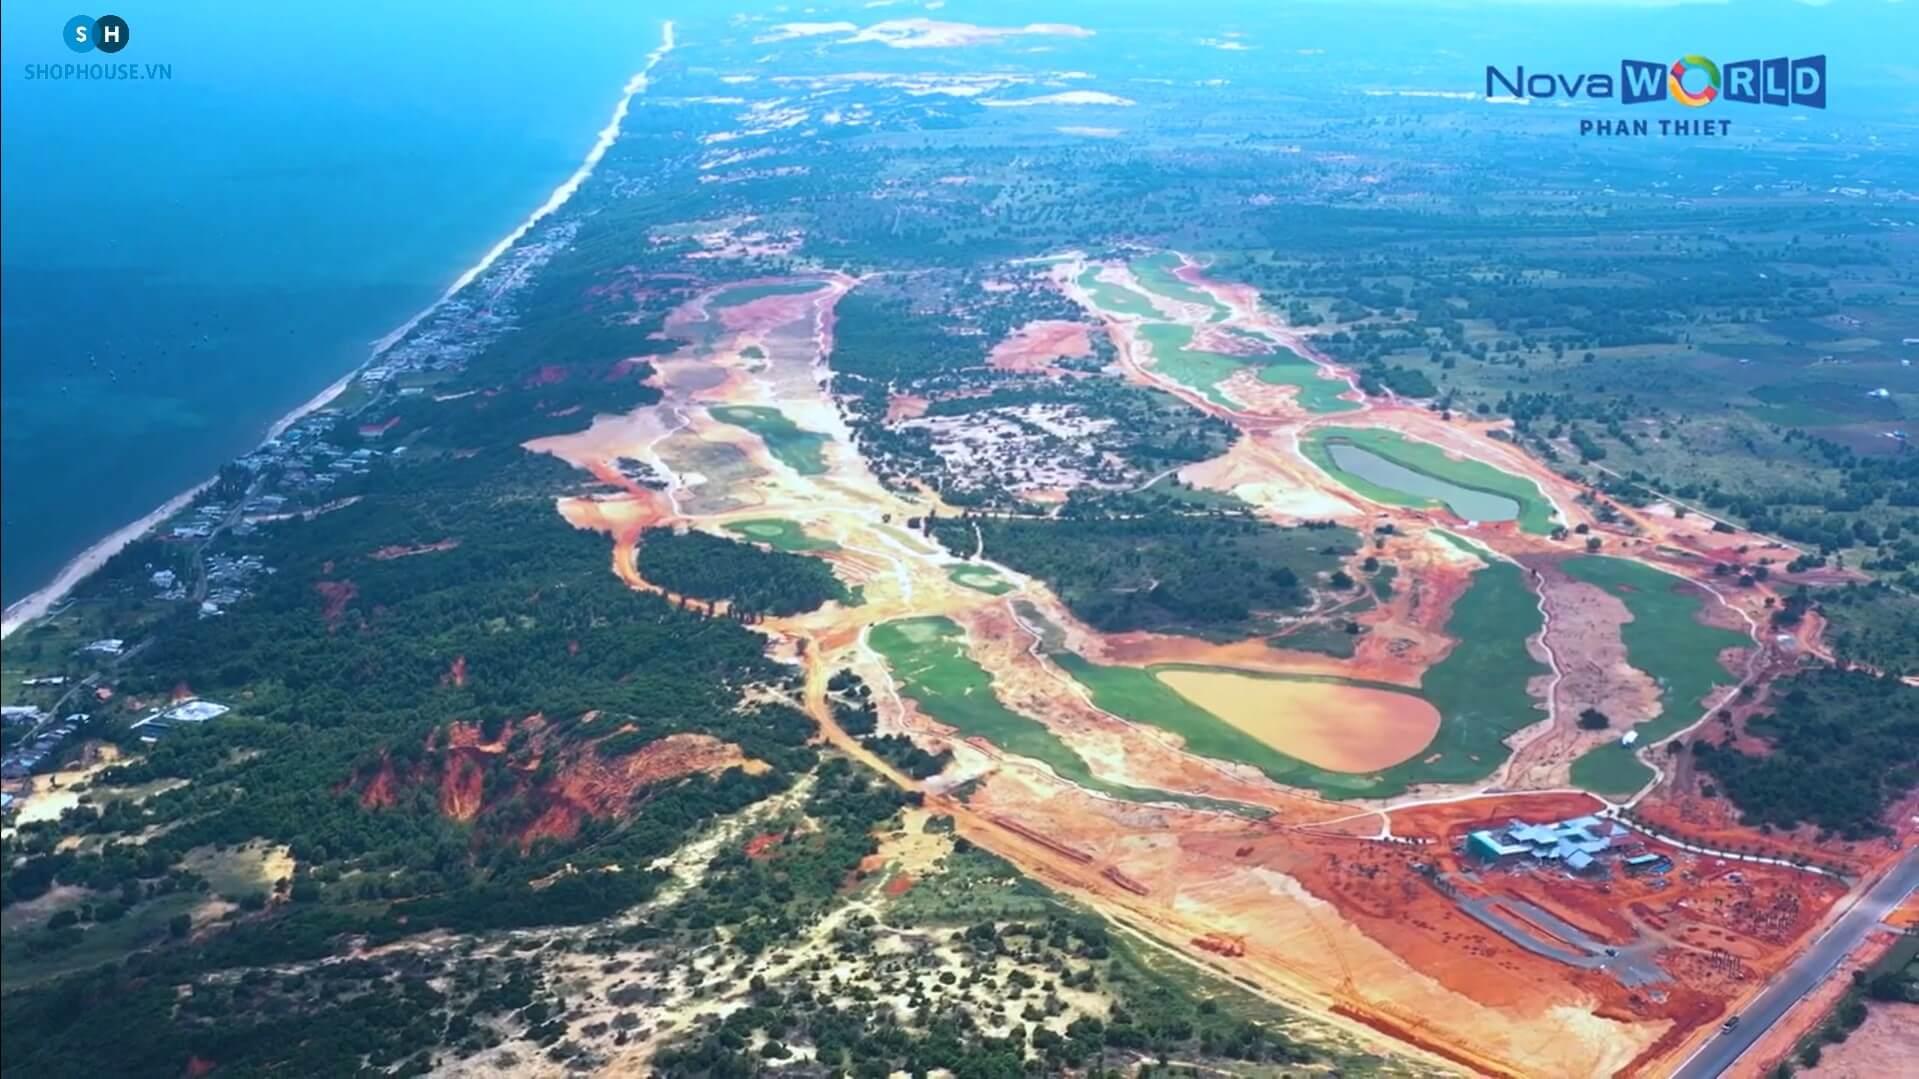 tien-do-san-golf-Ocean-du-an-NovaWorld-Phan-Thiet-Binh-Thuan-Novaland-T10-2020